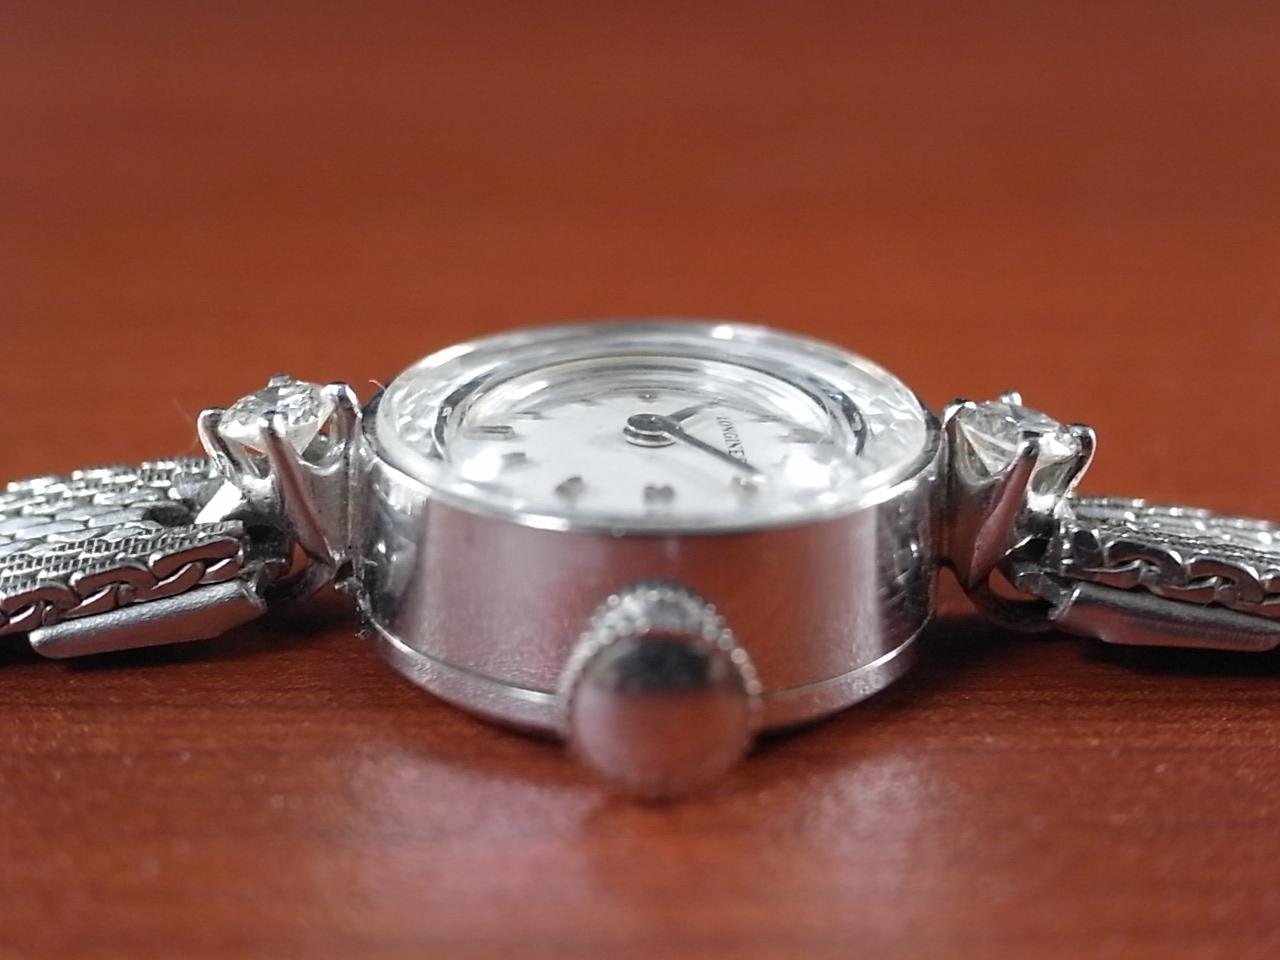 ロンジン レディス 14金無垢 ホワイトゴールド カットガラス ダイヤモンド の写真3枚目